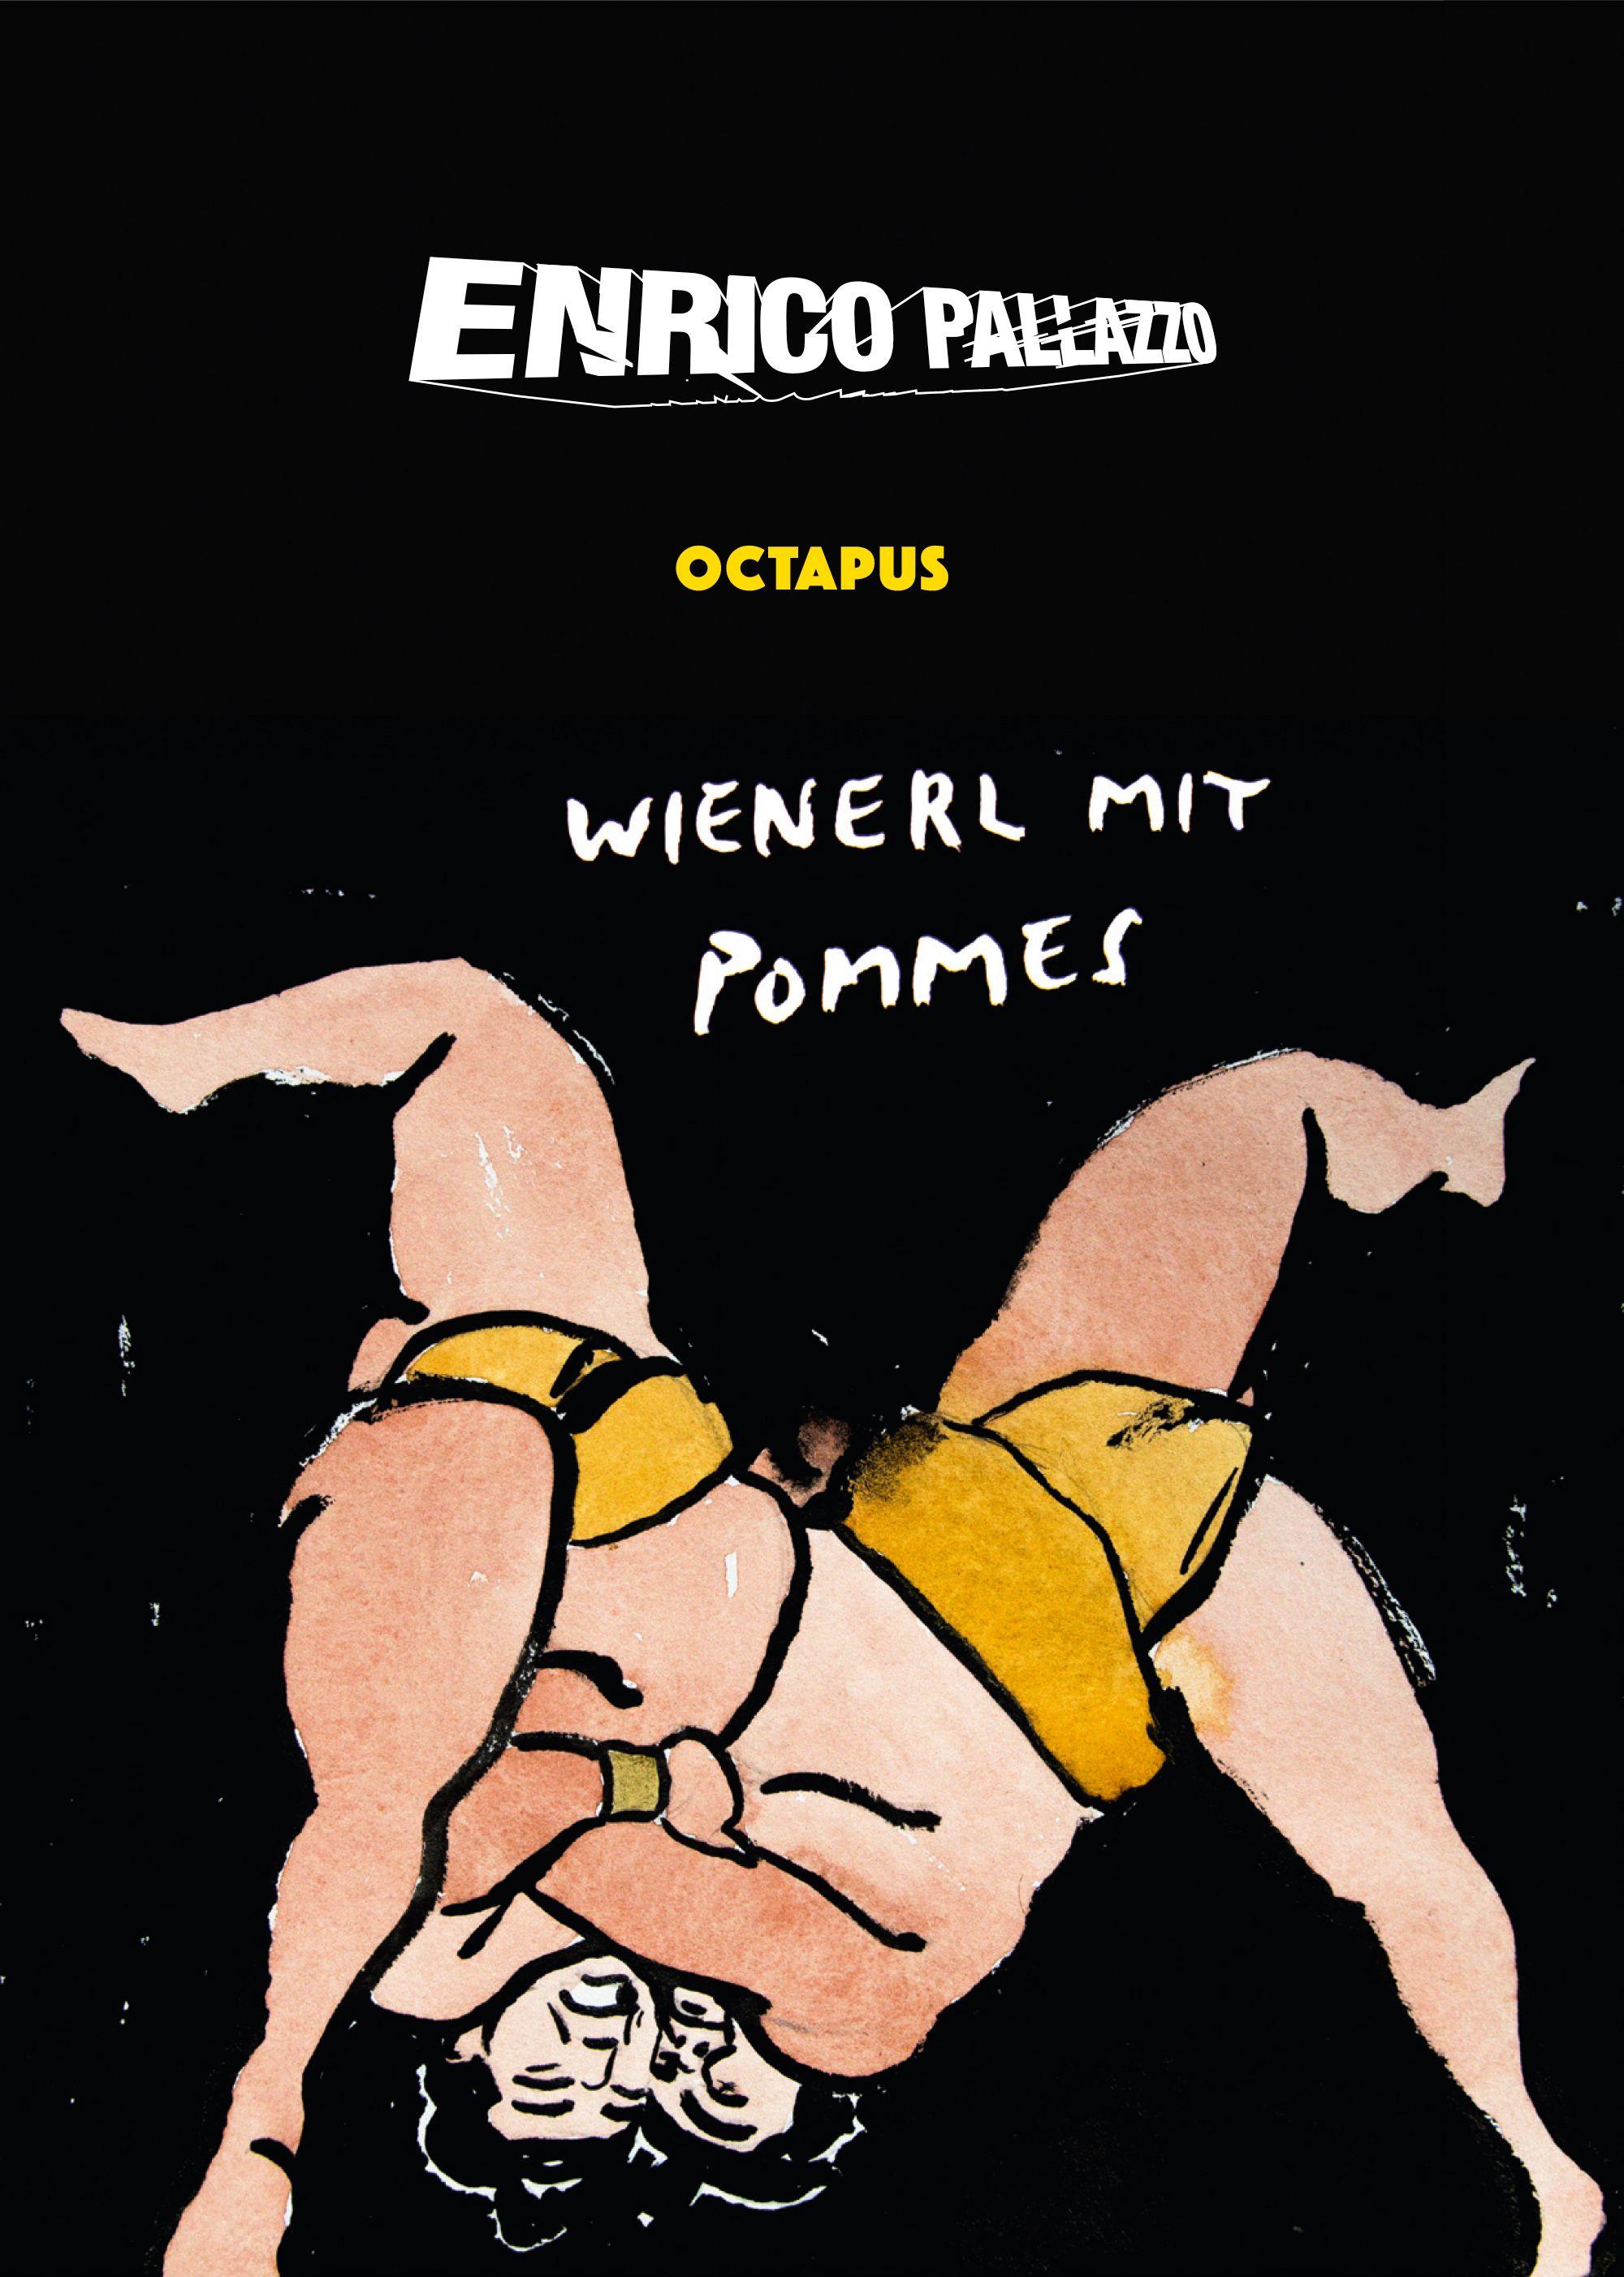 Flyer Enrico Pallazzo Octapus